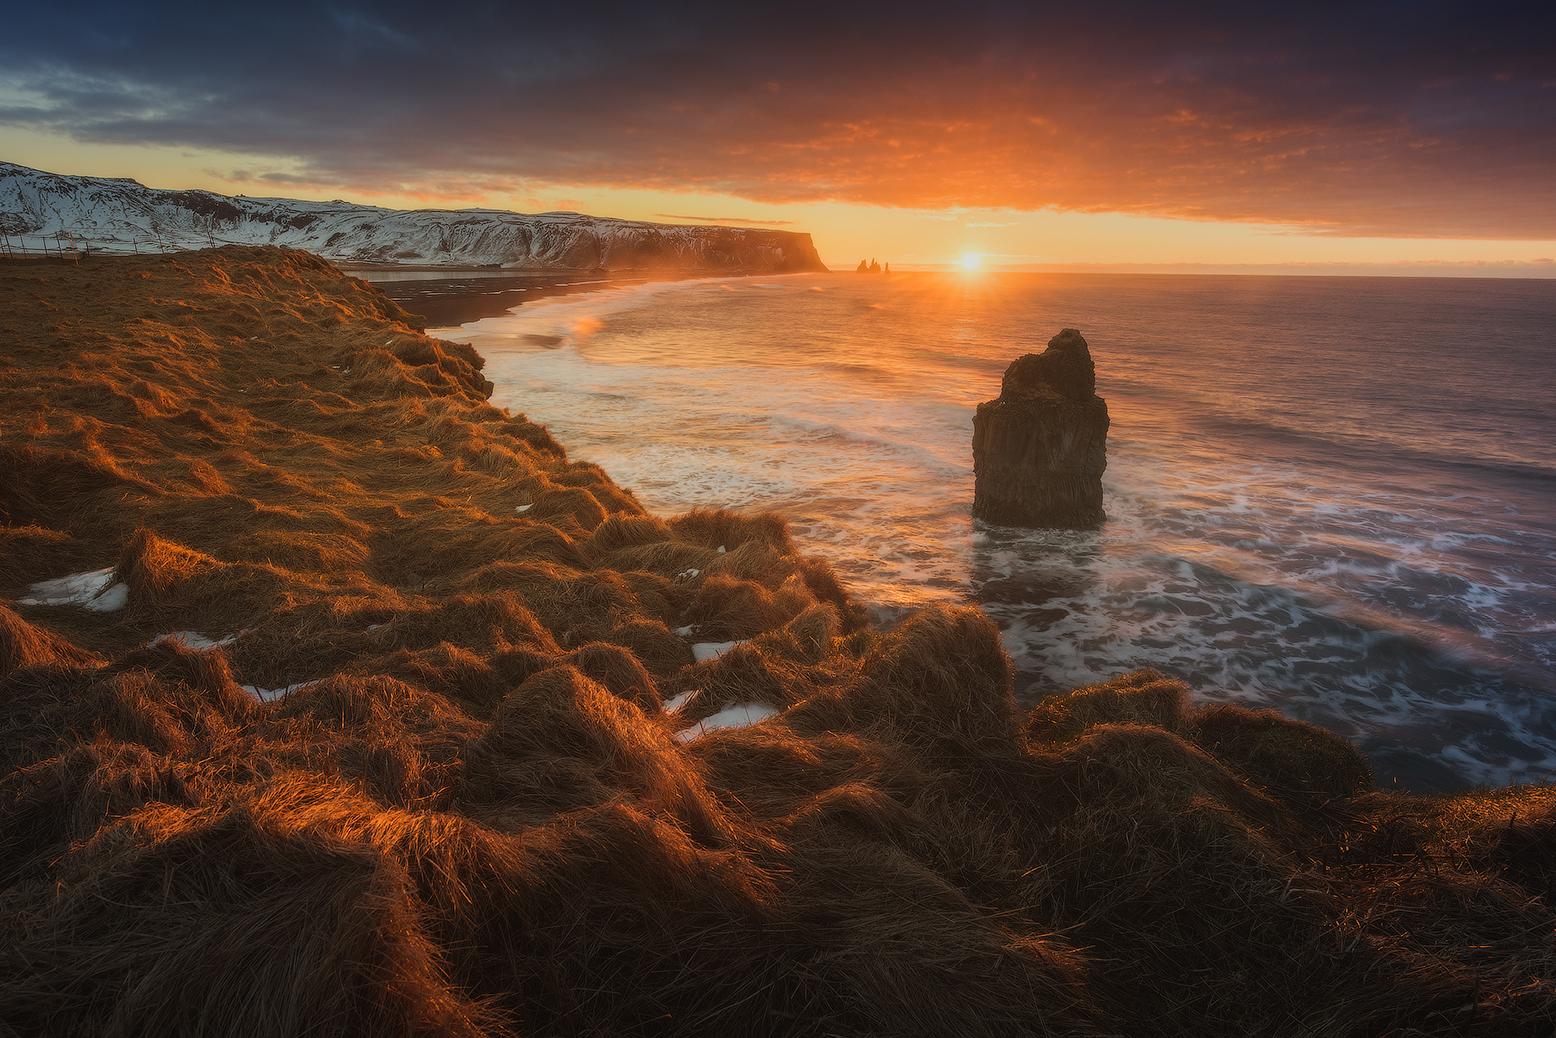 Le soleil se couche sur la côte sud de l'Islande